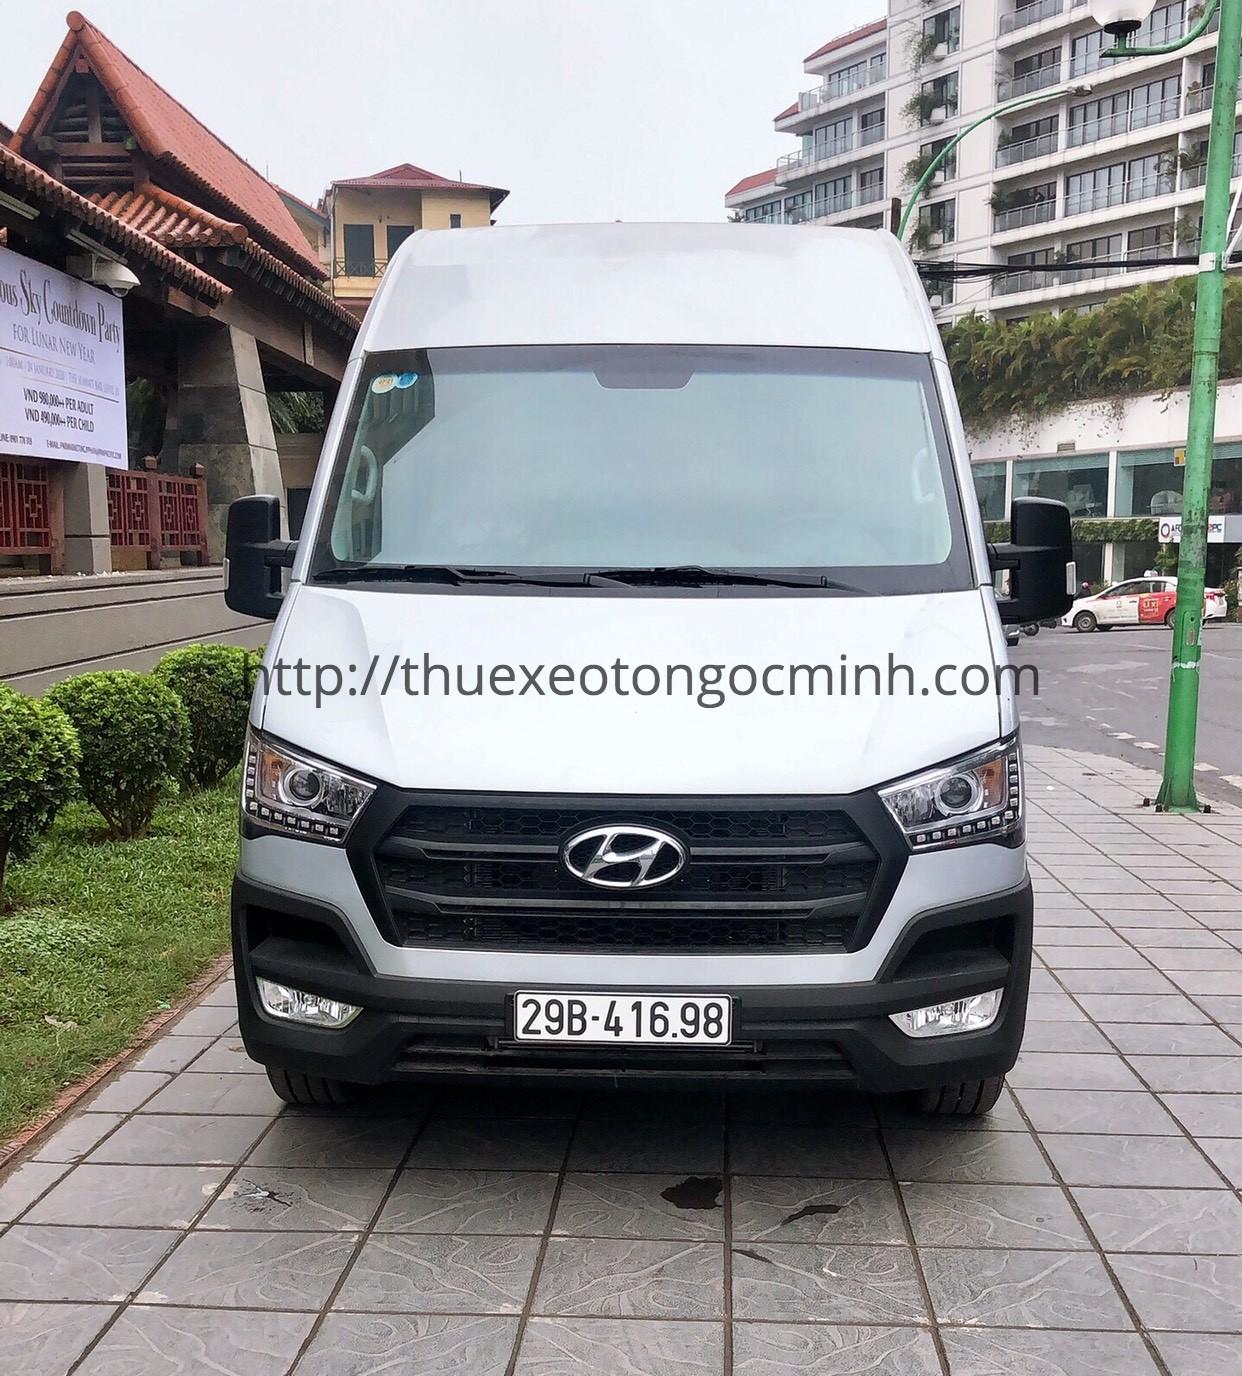 Cho thuê xe Hyundai Solati 16 chỗ giá rẻ nhất Hà Nội